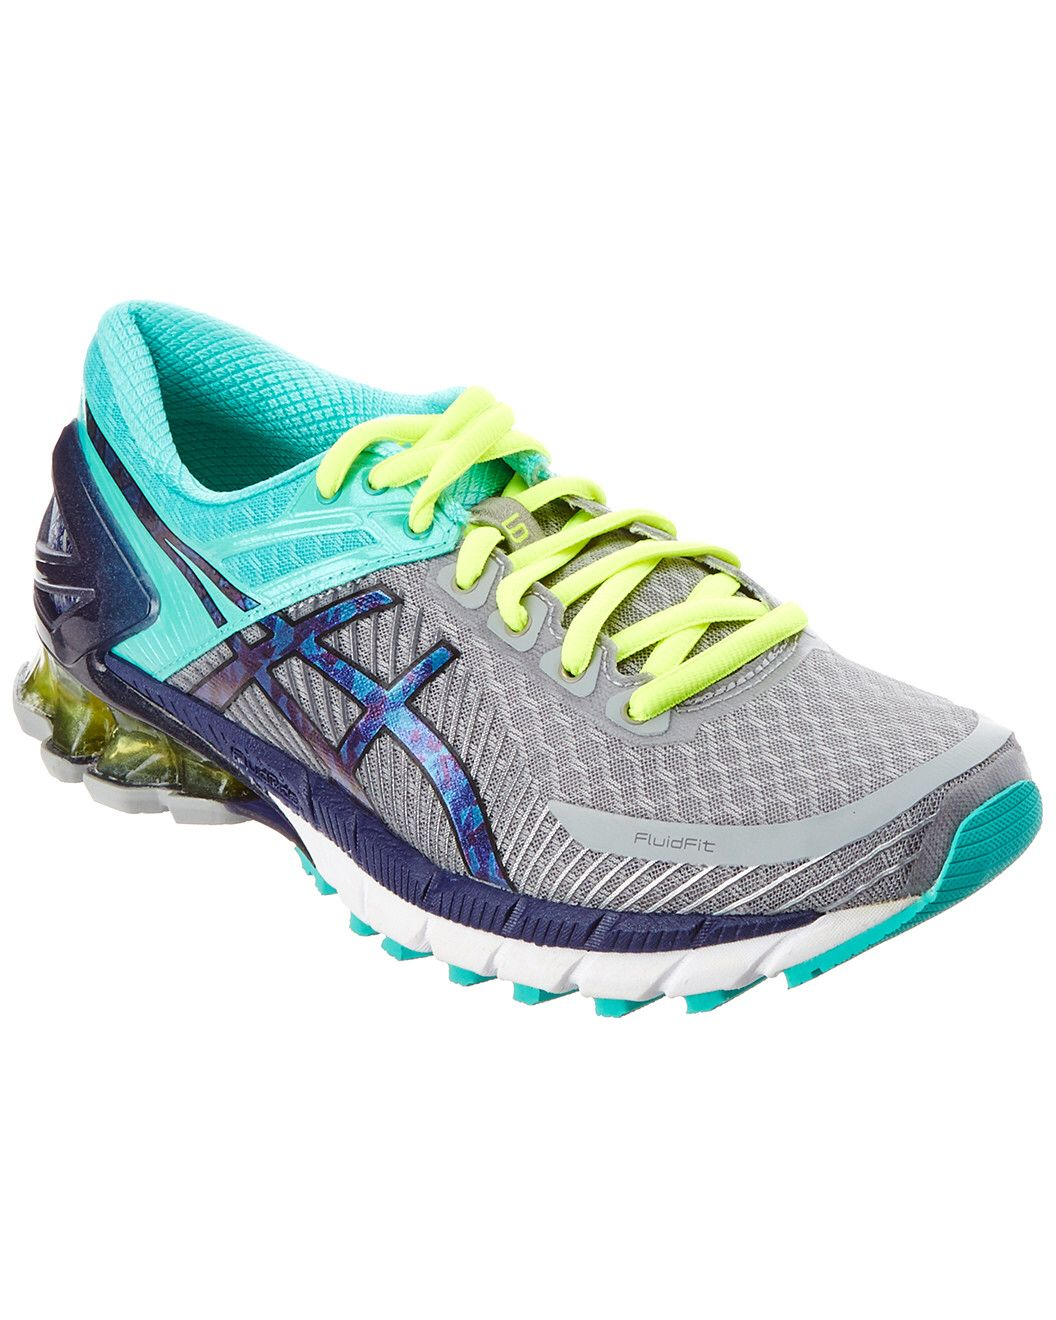 Vous devez voir cette chaussure de chaussure course Rue ASICS de Gel Kinsei 6 pour femmes sur Rue 97eb507 - mwb.website